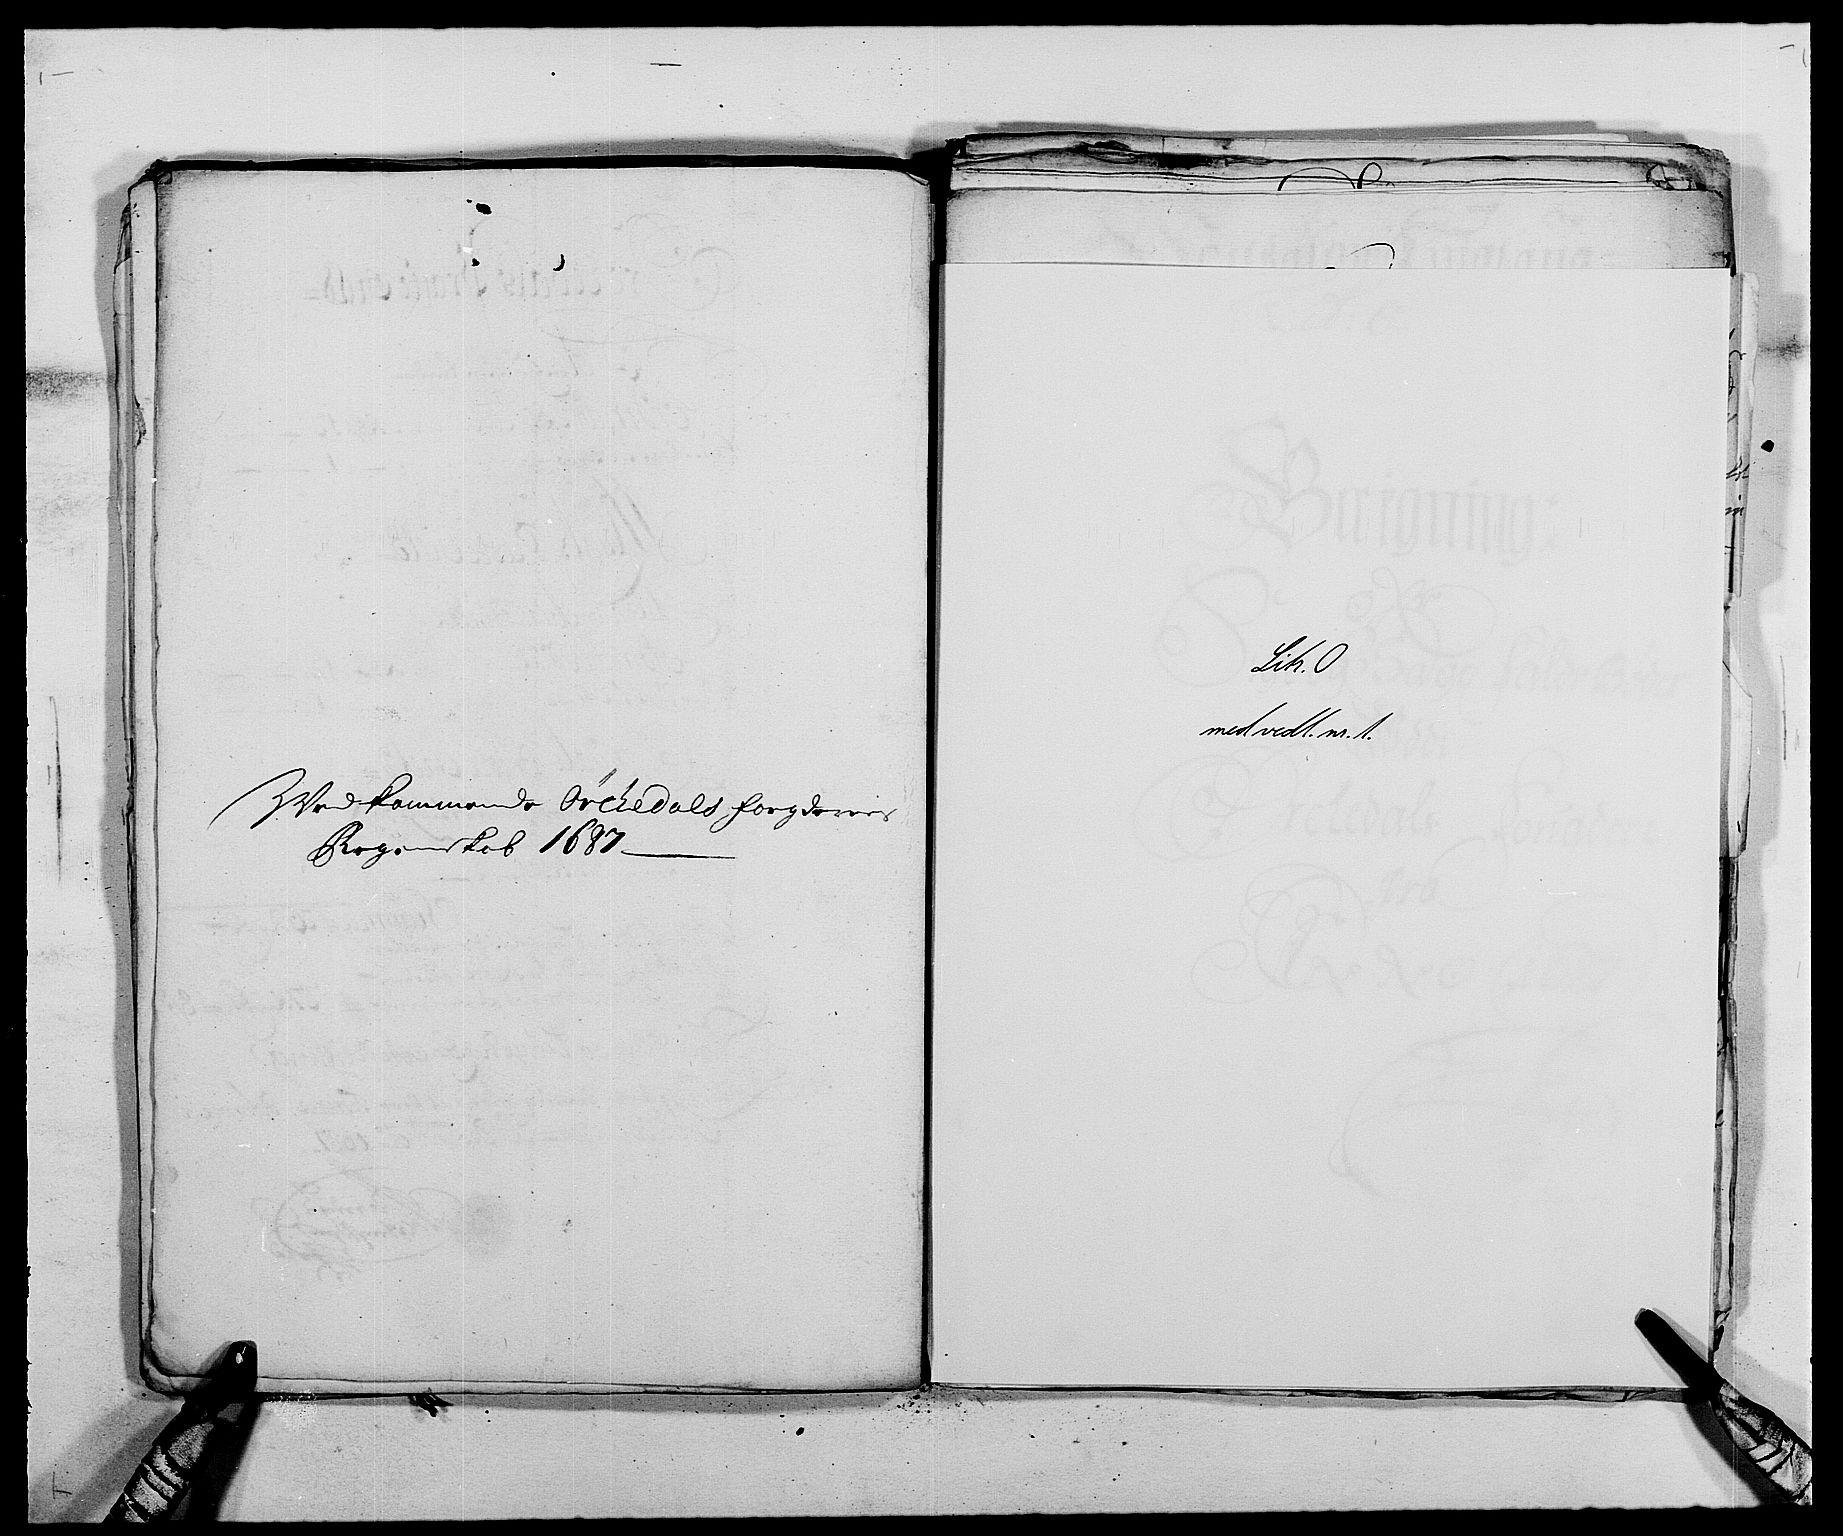 RA, Rentekammeret inntil 1814, Reviderte regnskaper, Fogderegnskap, R58/L3935: Fogderegnskap Orkdal, 1687-1688, s. 148